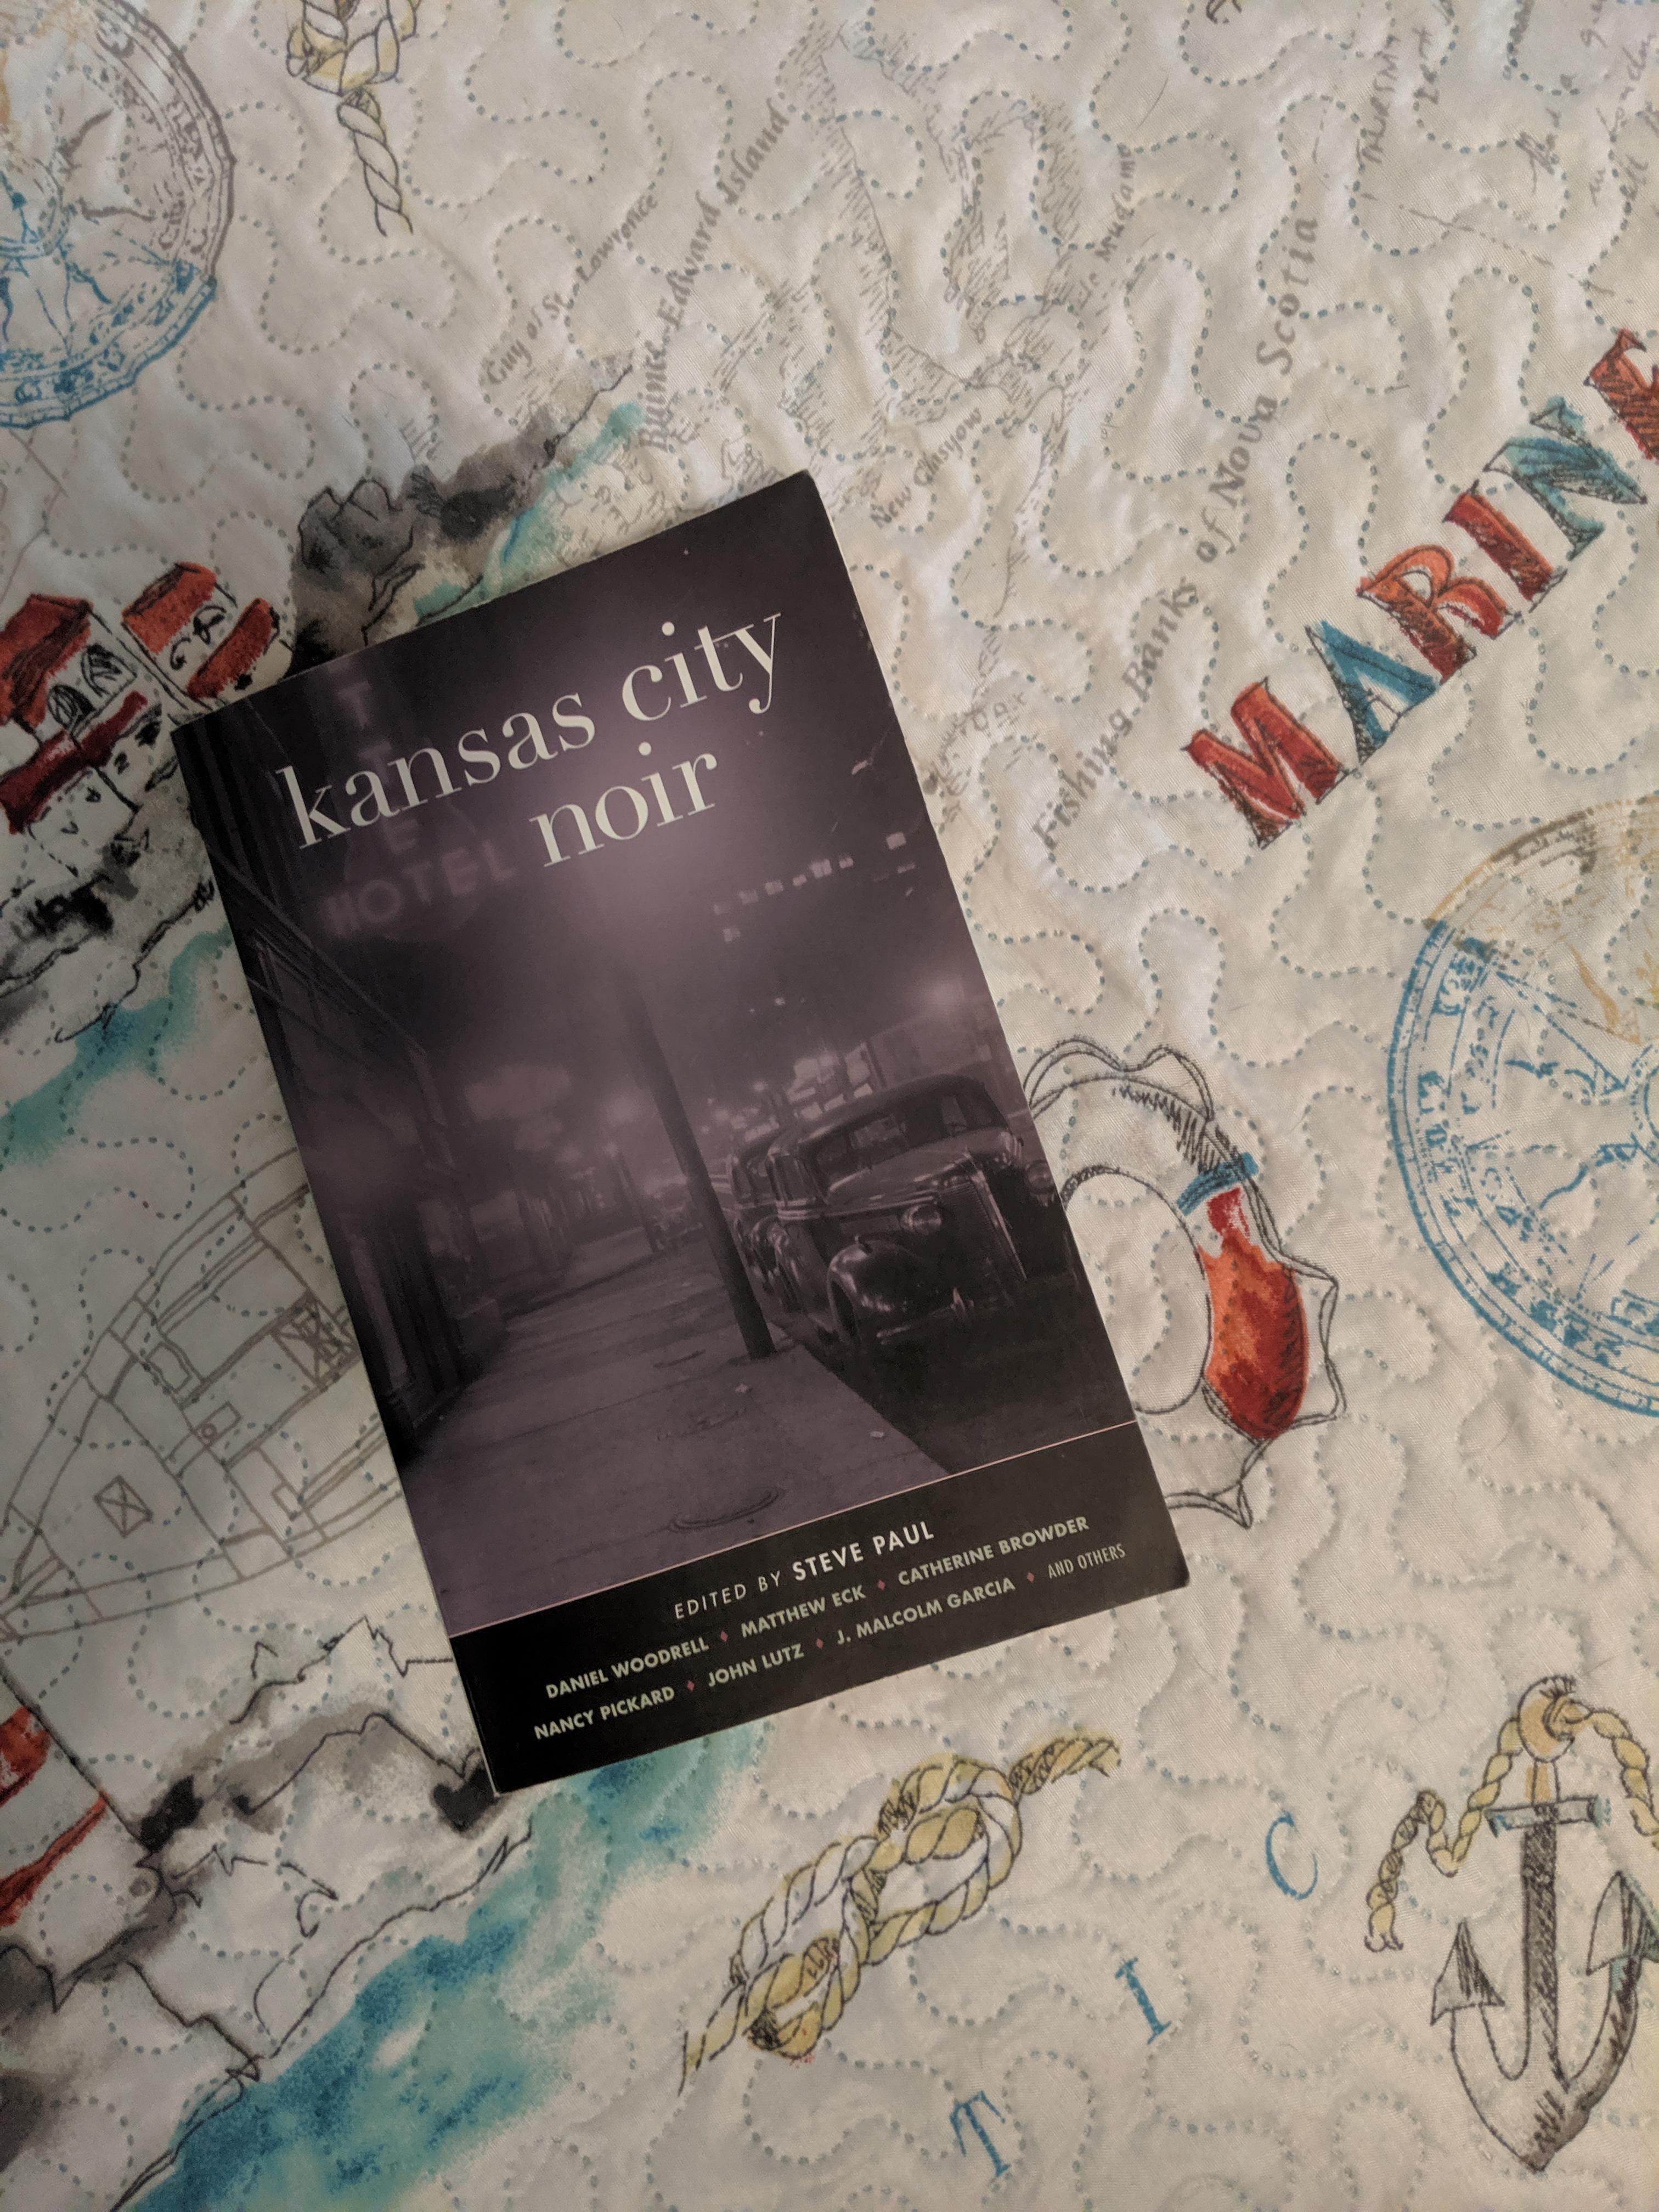 Kansas City Noir book